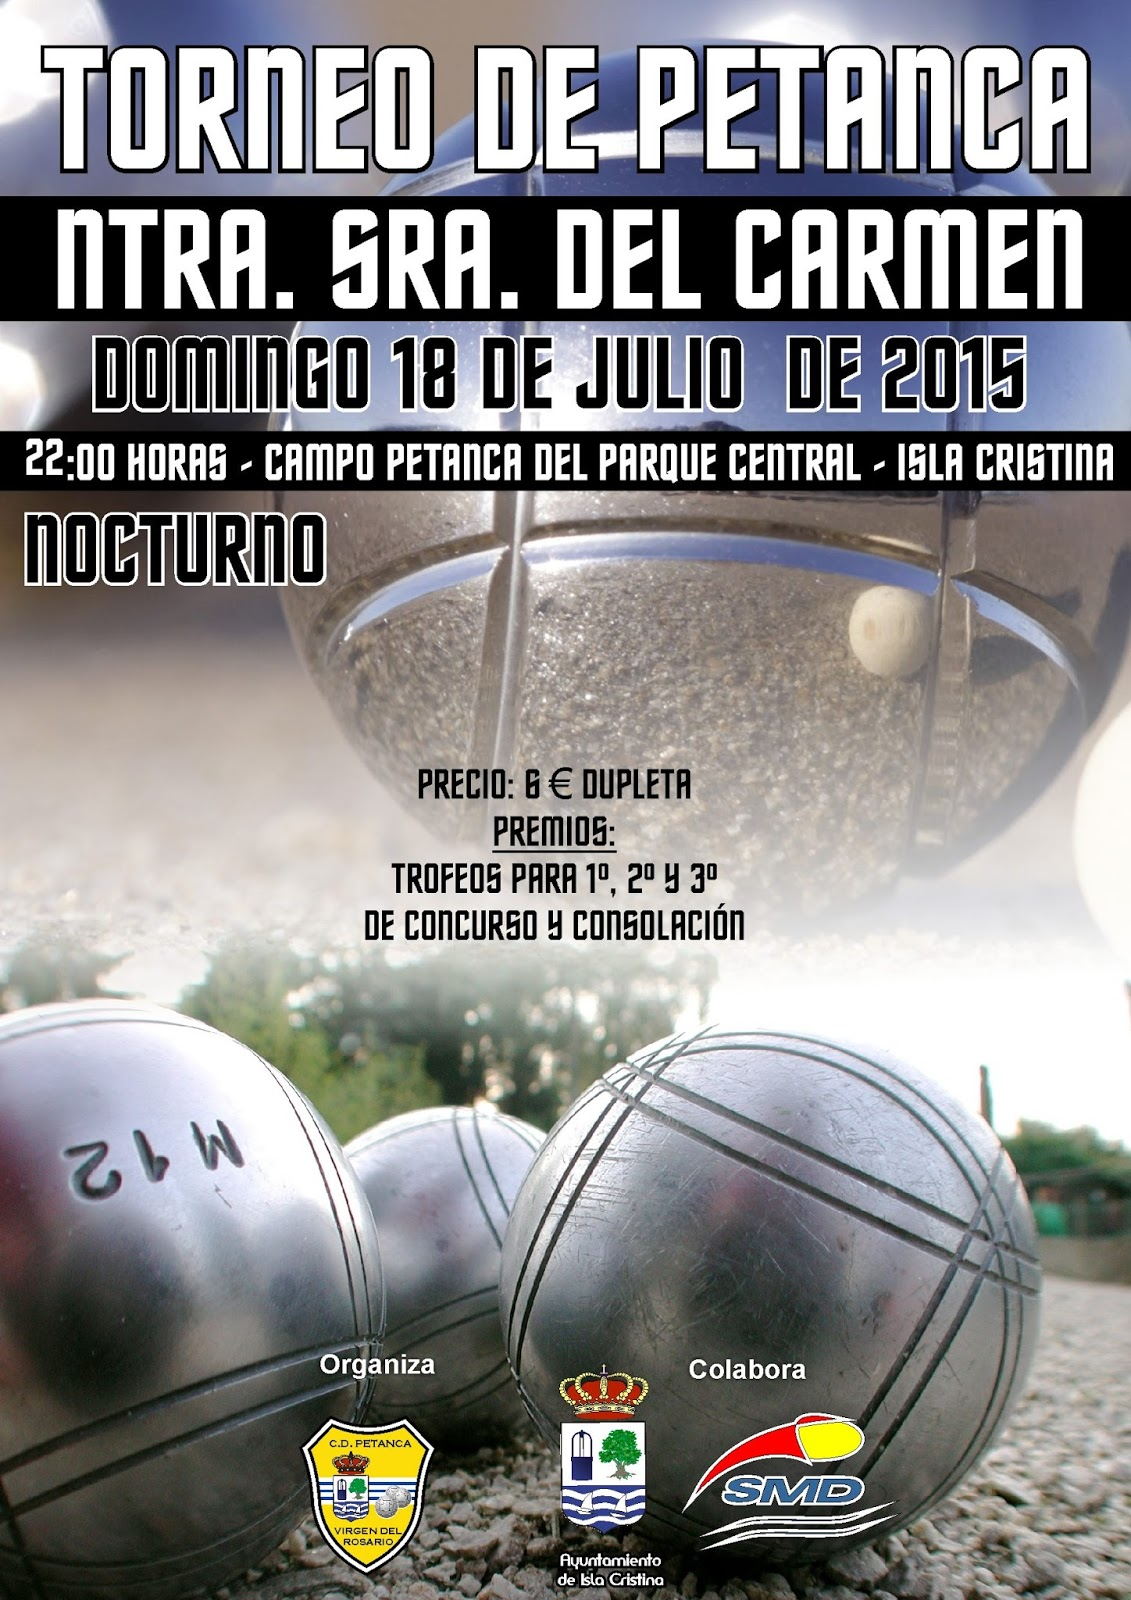 Isla Cristina Alberga el Torneo de Petanca Virgen del Carmen